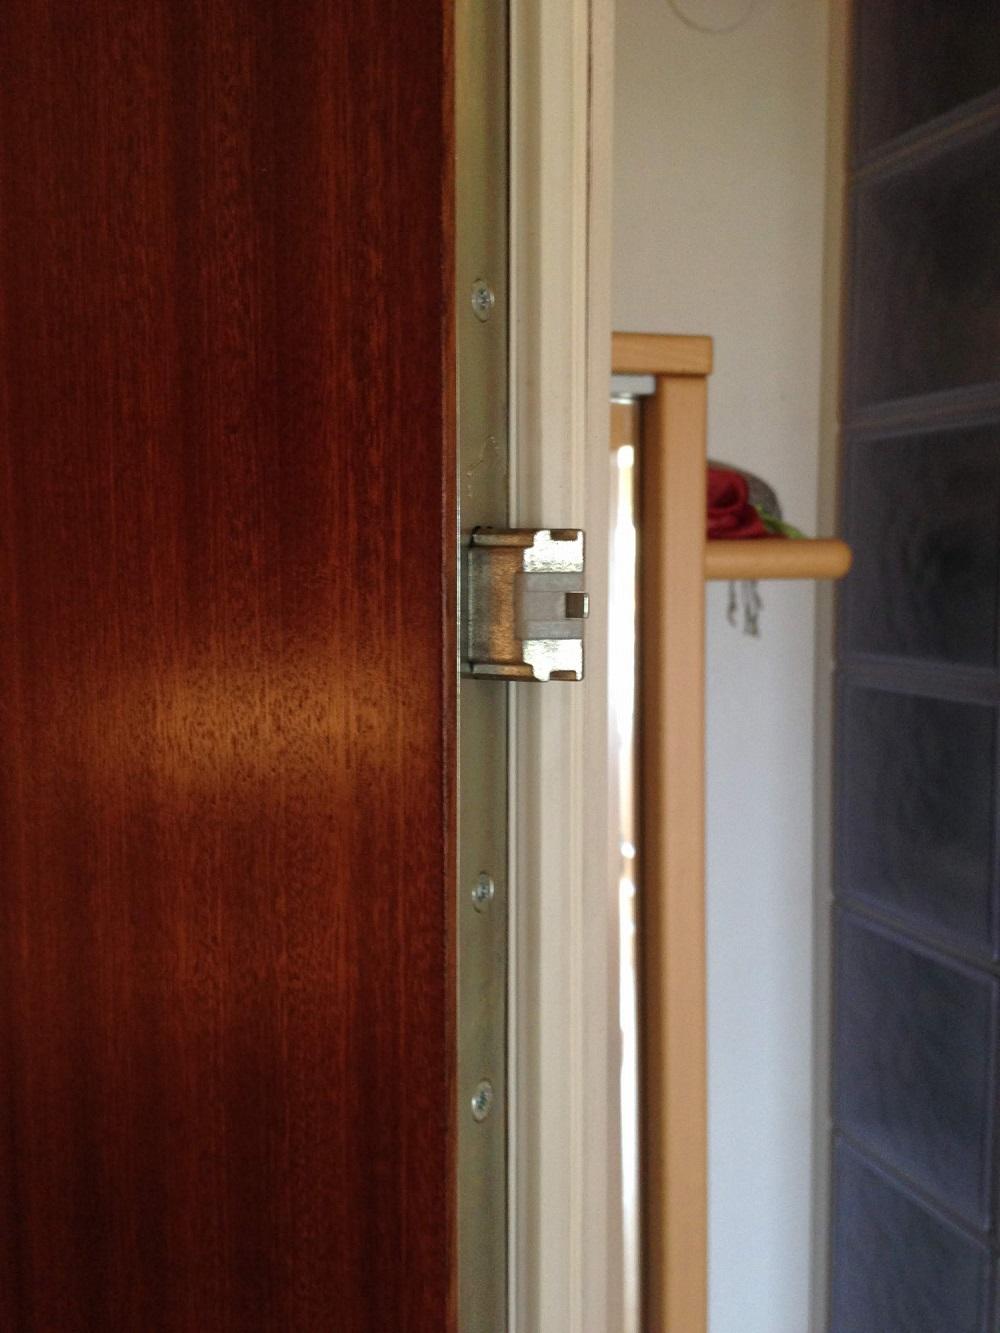 Wohnungseingangstüre mit mehrfachverriegelungs Bolzen gegen Einbrüche